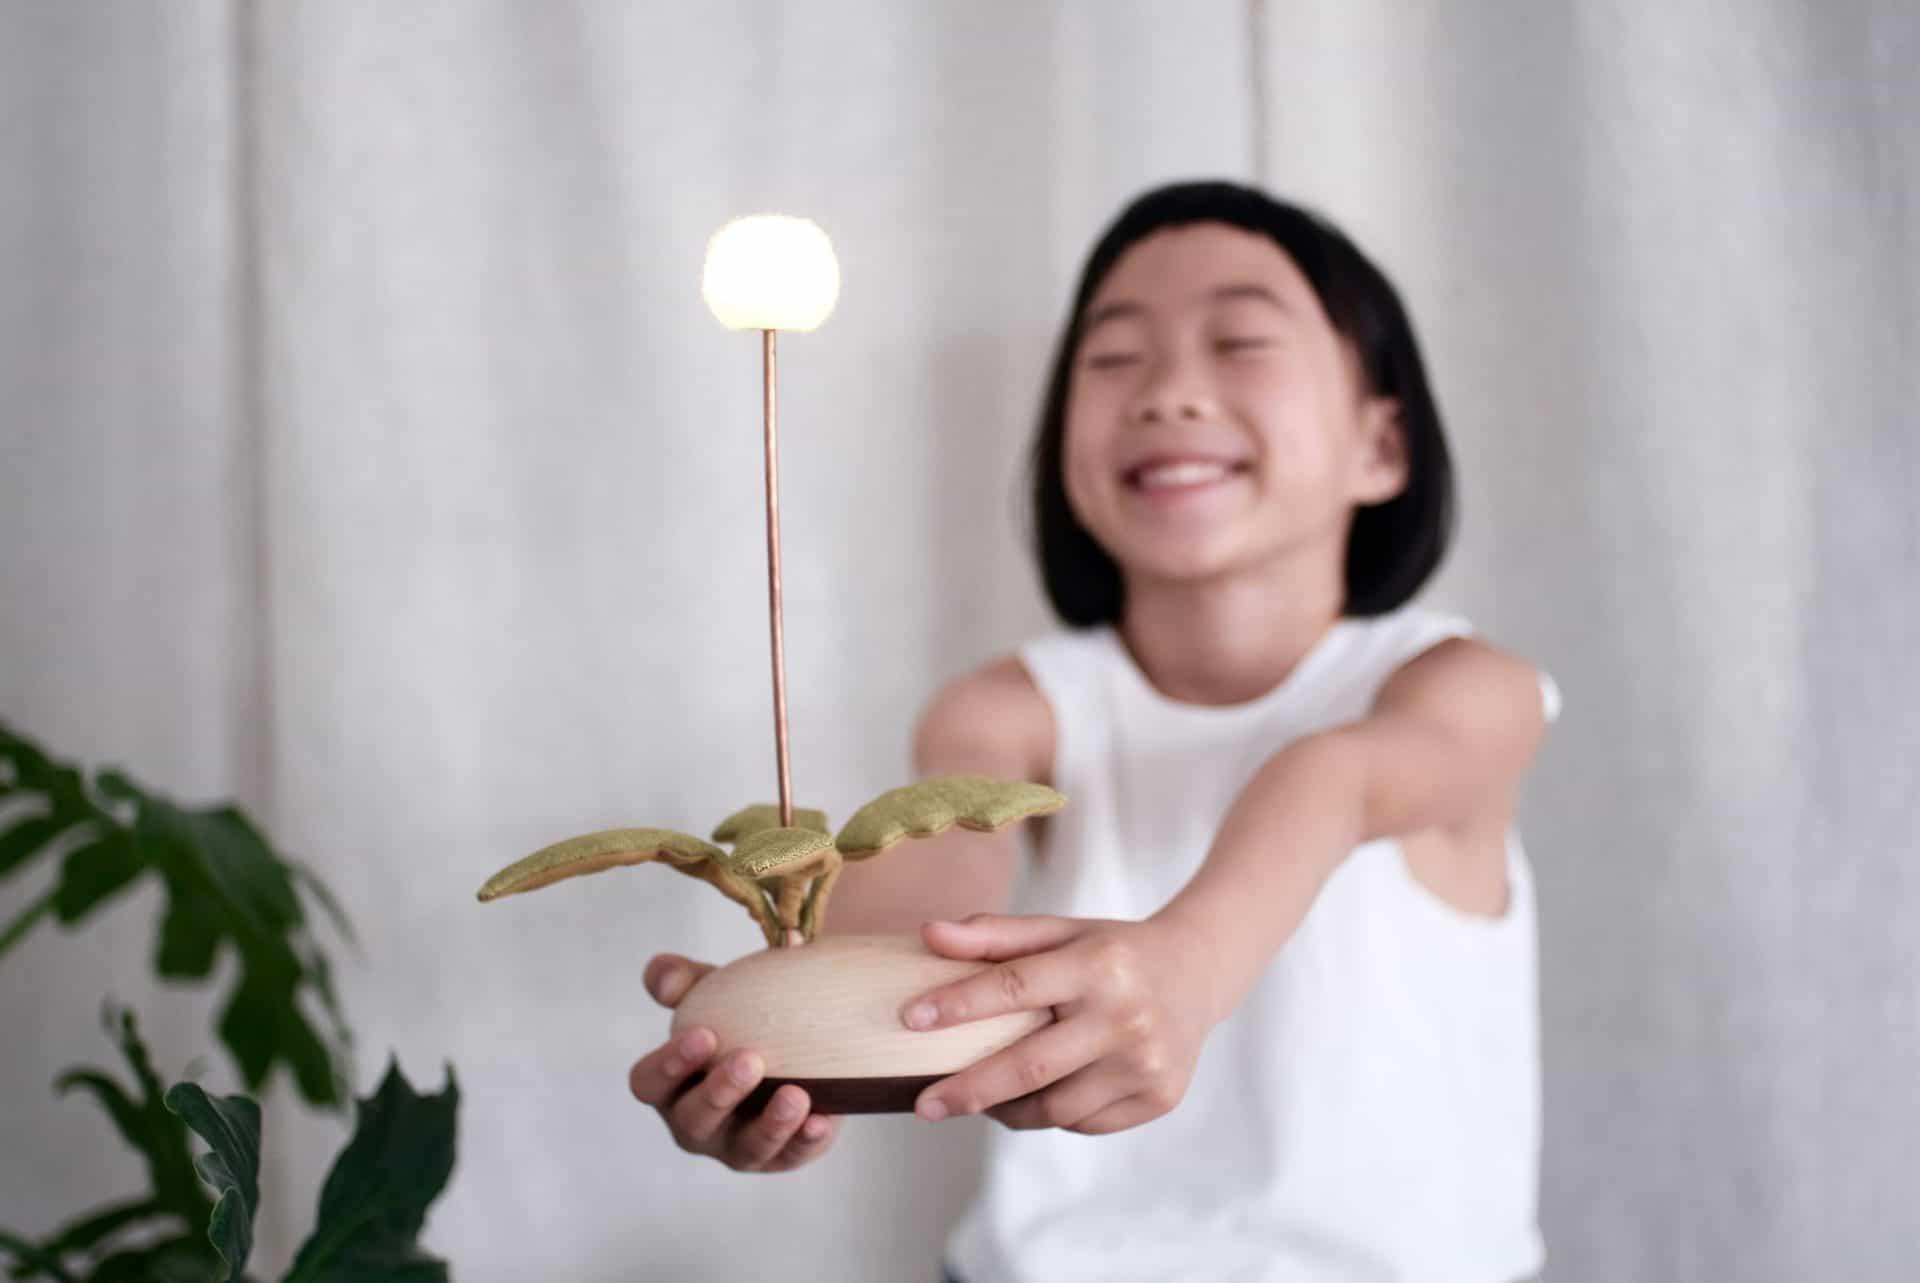 讓木作燈具點亮你生活中的溫暖時光_圖片提供/MoziDozen木子到森 互動式燈具